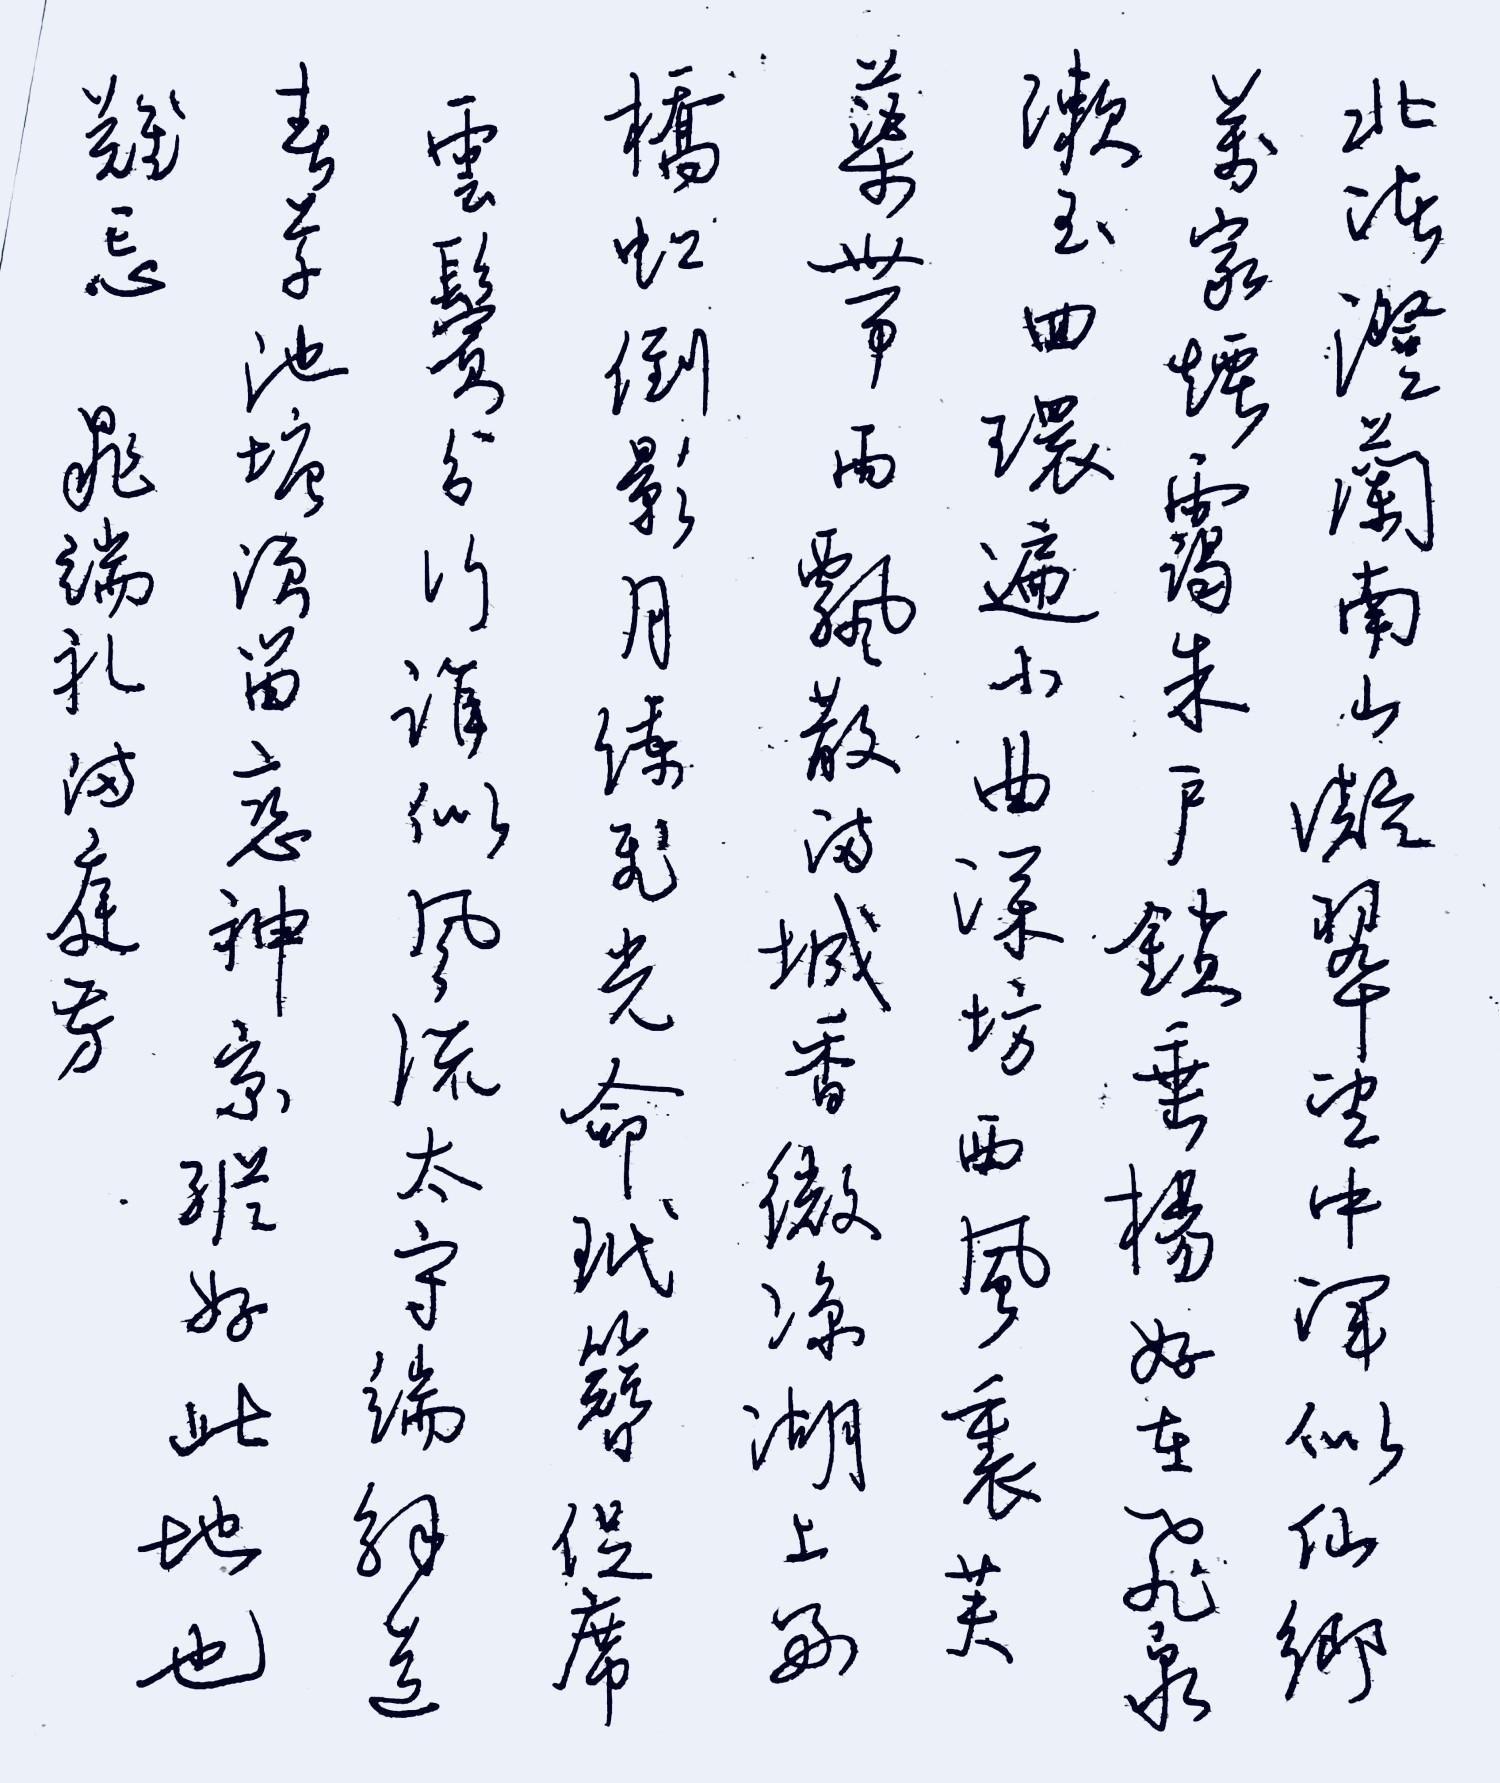 钢笔爱好者练字打卡20210330-04